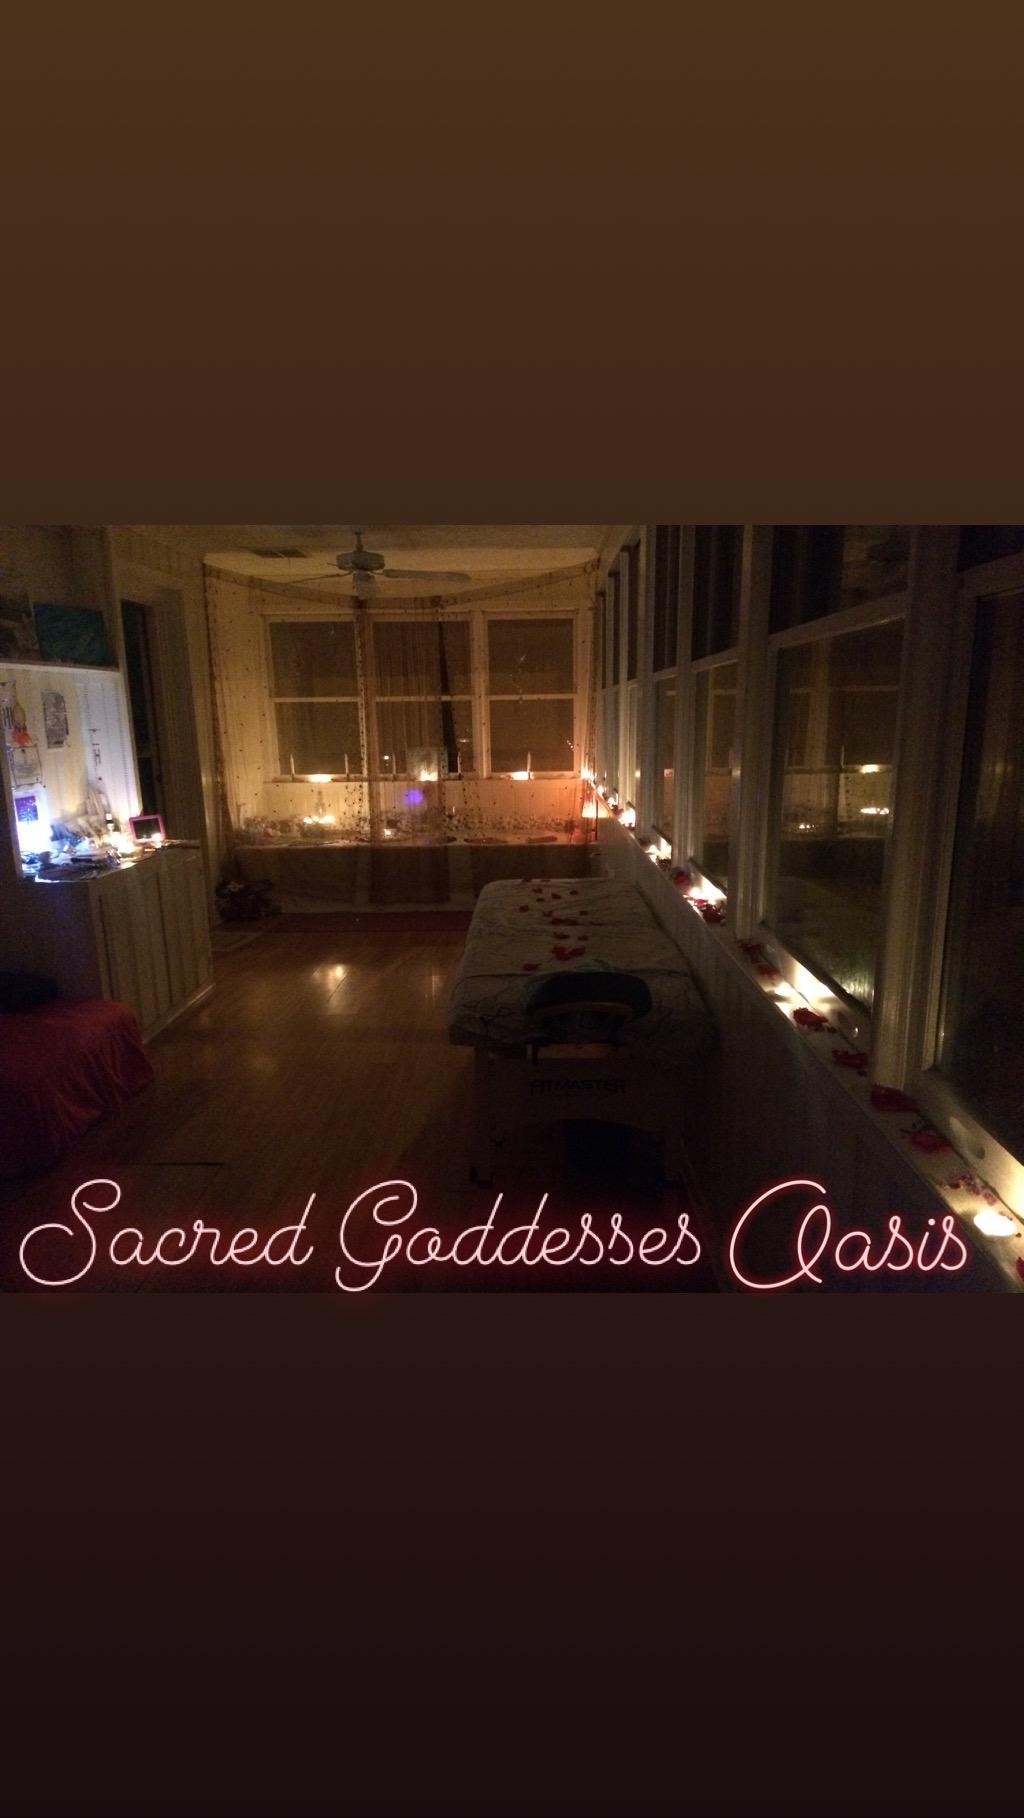 Sacred Goddesses Oasis